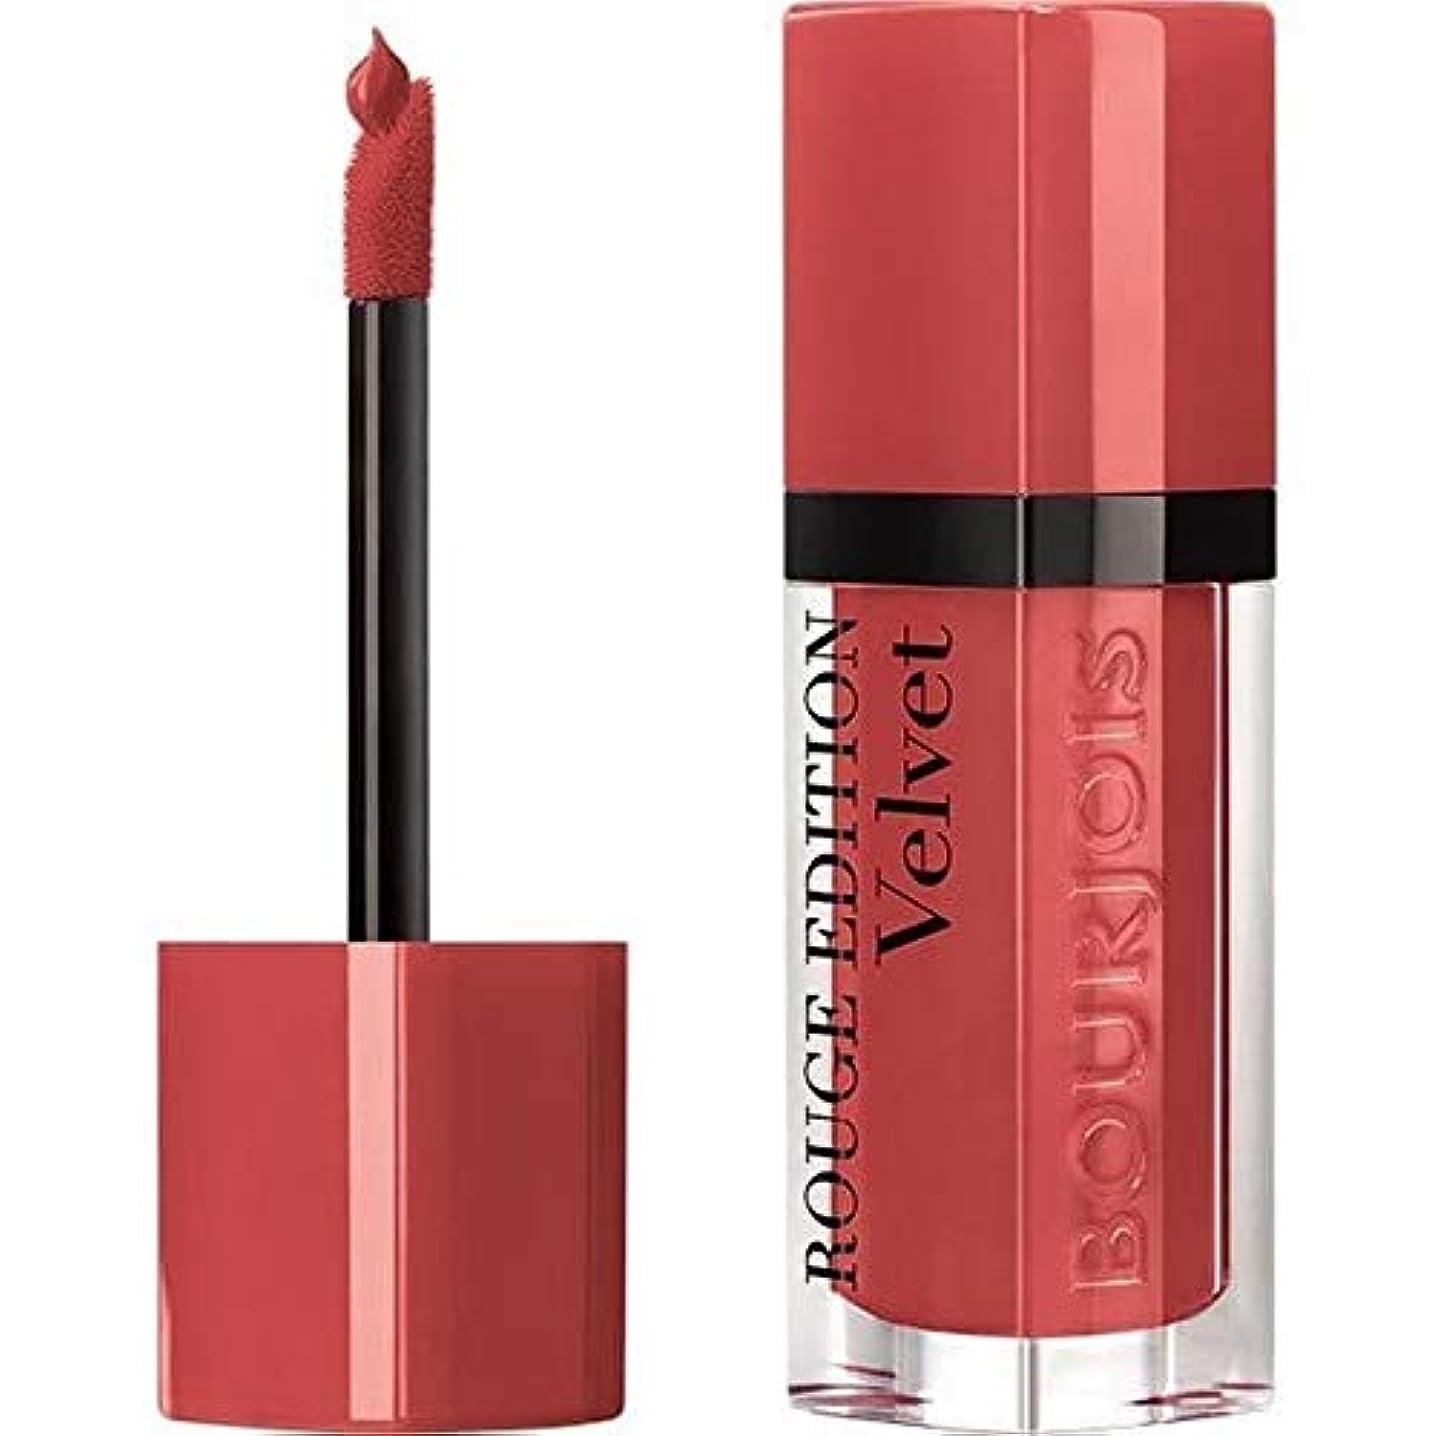 可動式拮抗水素[Bourjois ] ブルジョワルージュ版ベルベットの口紅の桃クラブ4 - Bourjois Rouge Edition Velvet lipstick Peach Club 4 [並行輸入品]